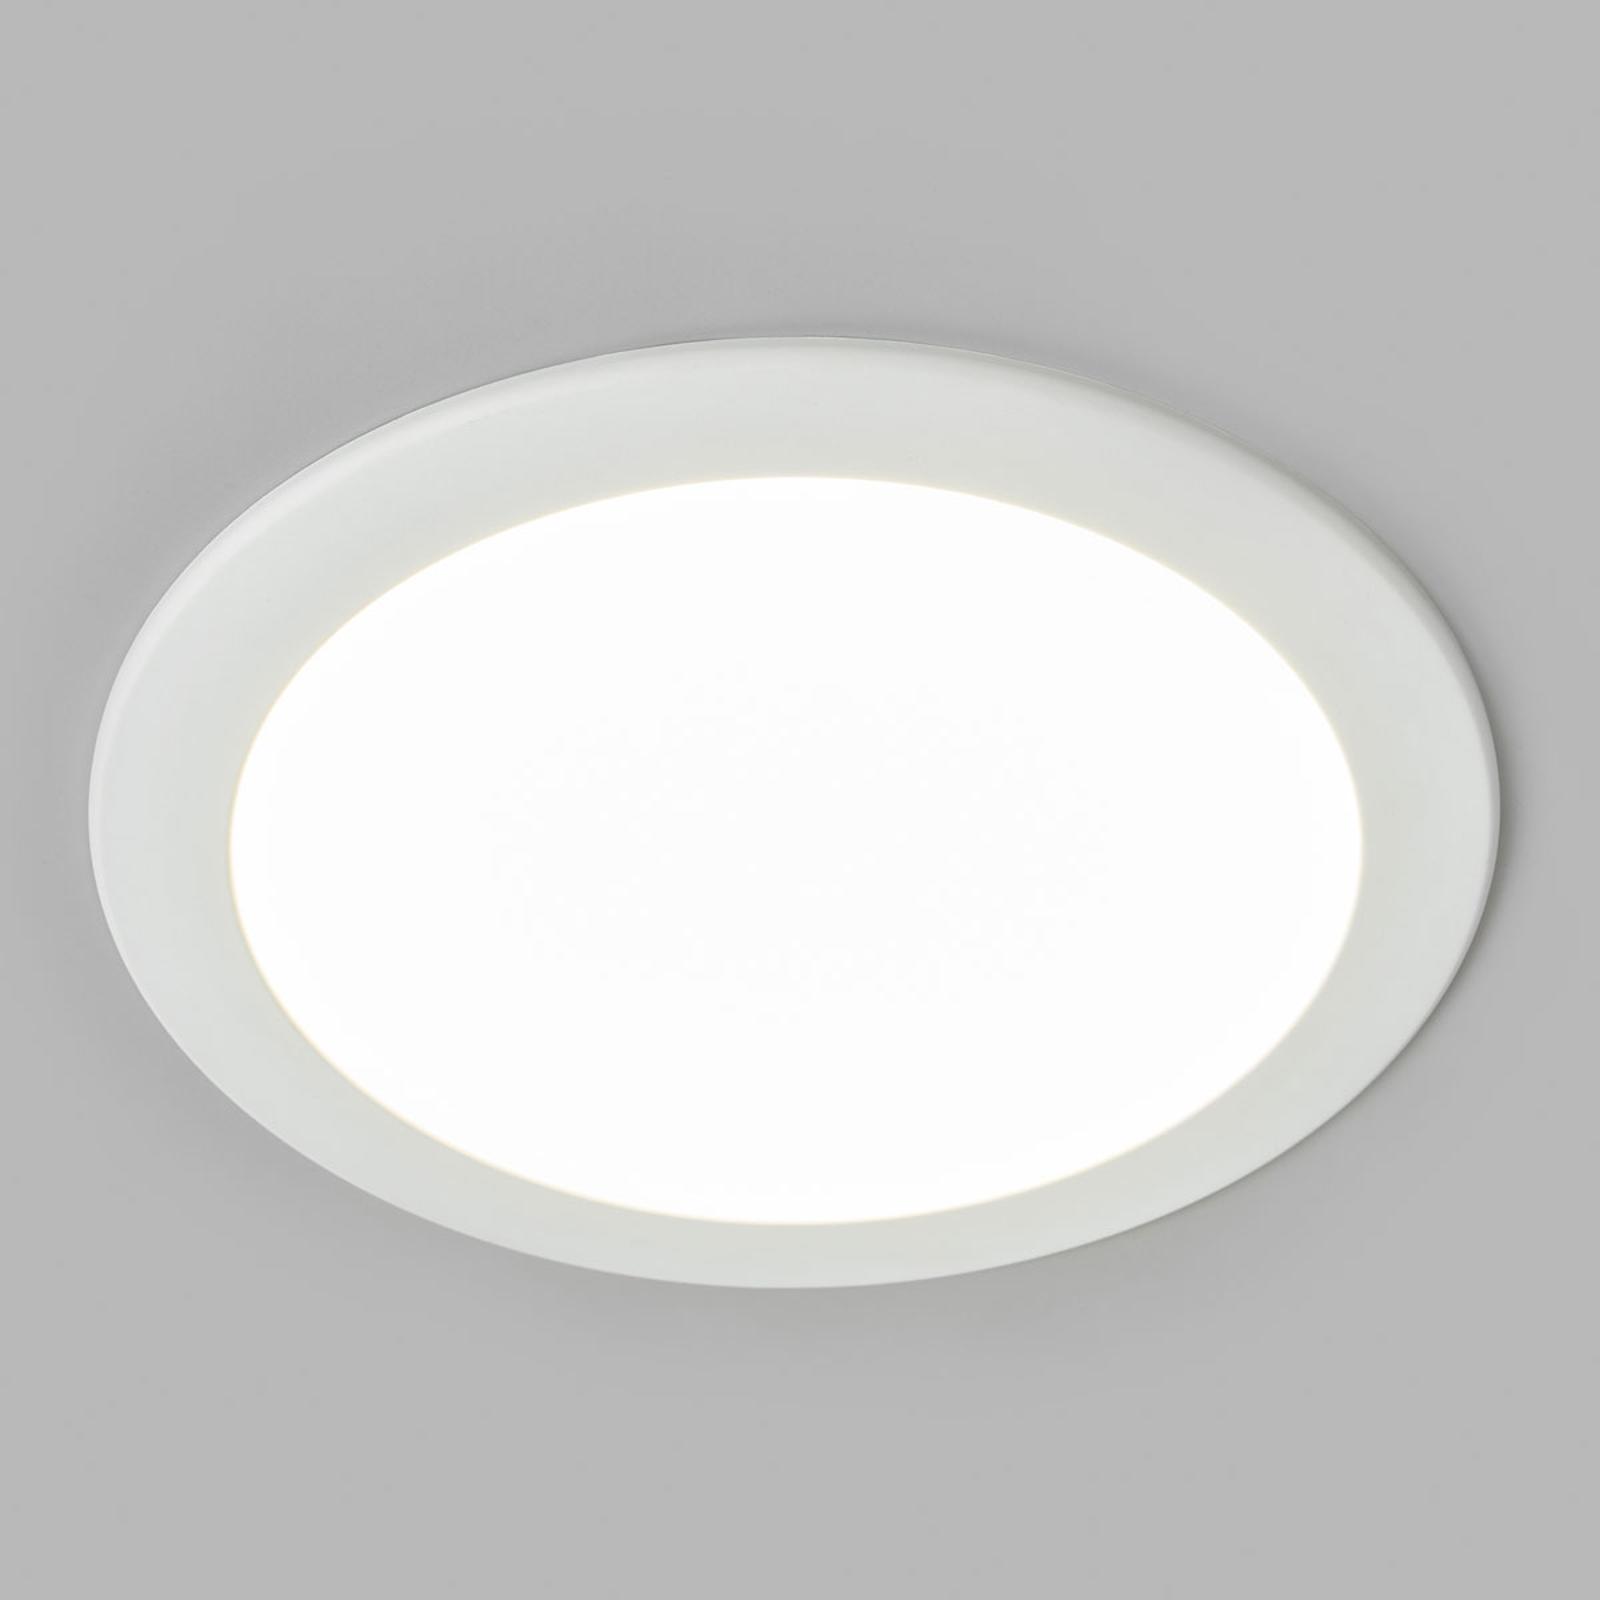 LED-inbyggnadsspot Joki vit 4000K rund 24cm